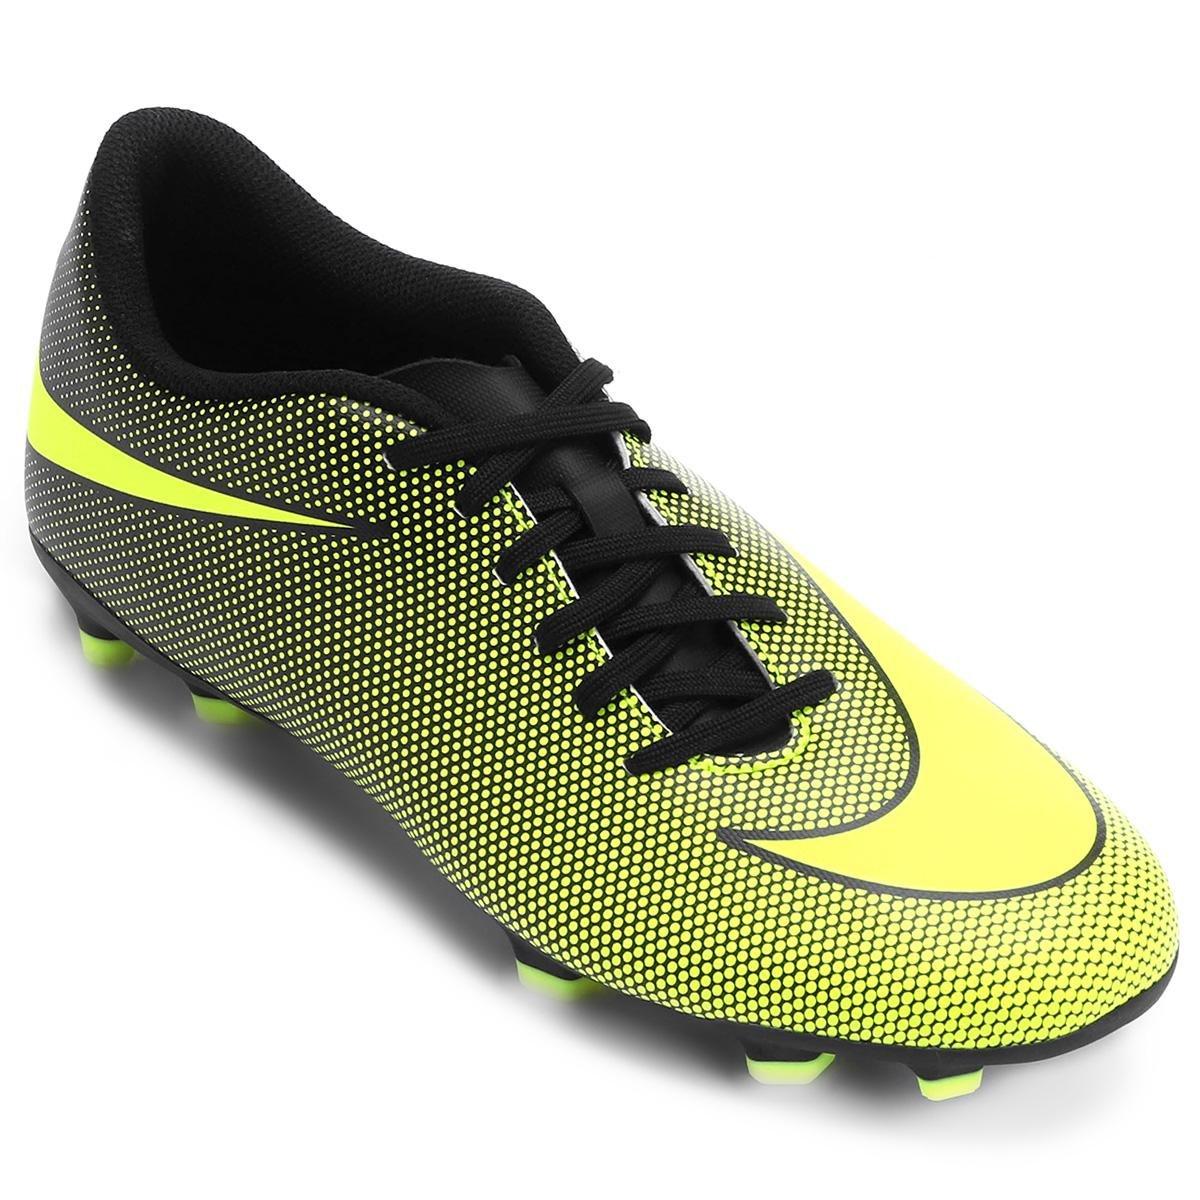 b4e86efff4e12 Chuteira Campo Nike Bravata 2 FG - Amarelo e Preto - Compre Agora ...